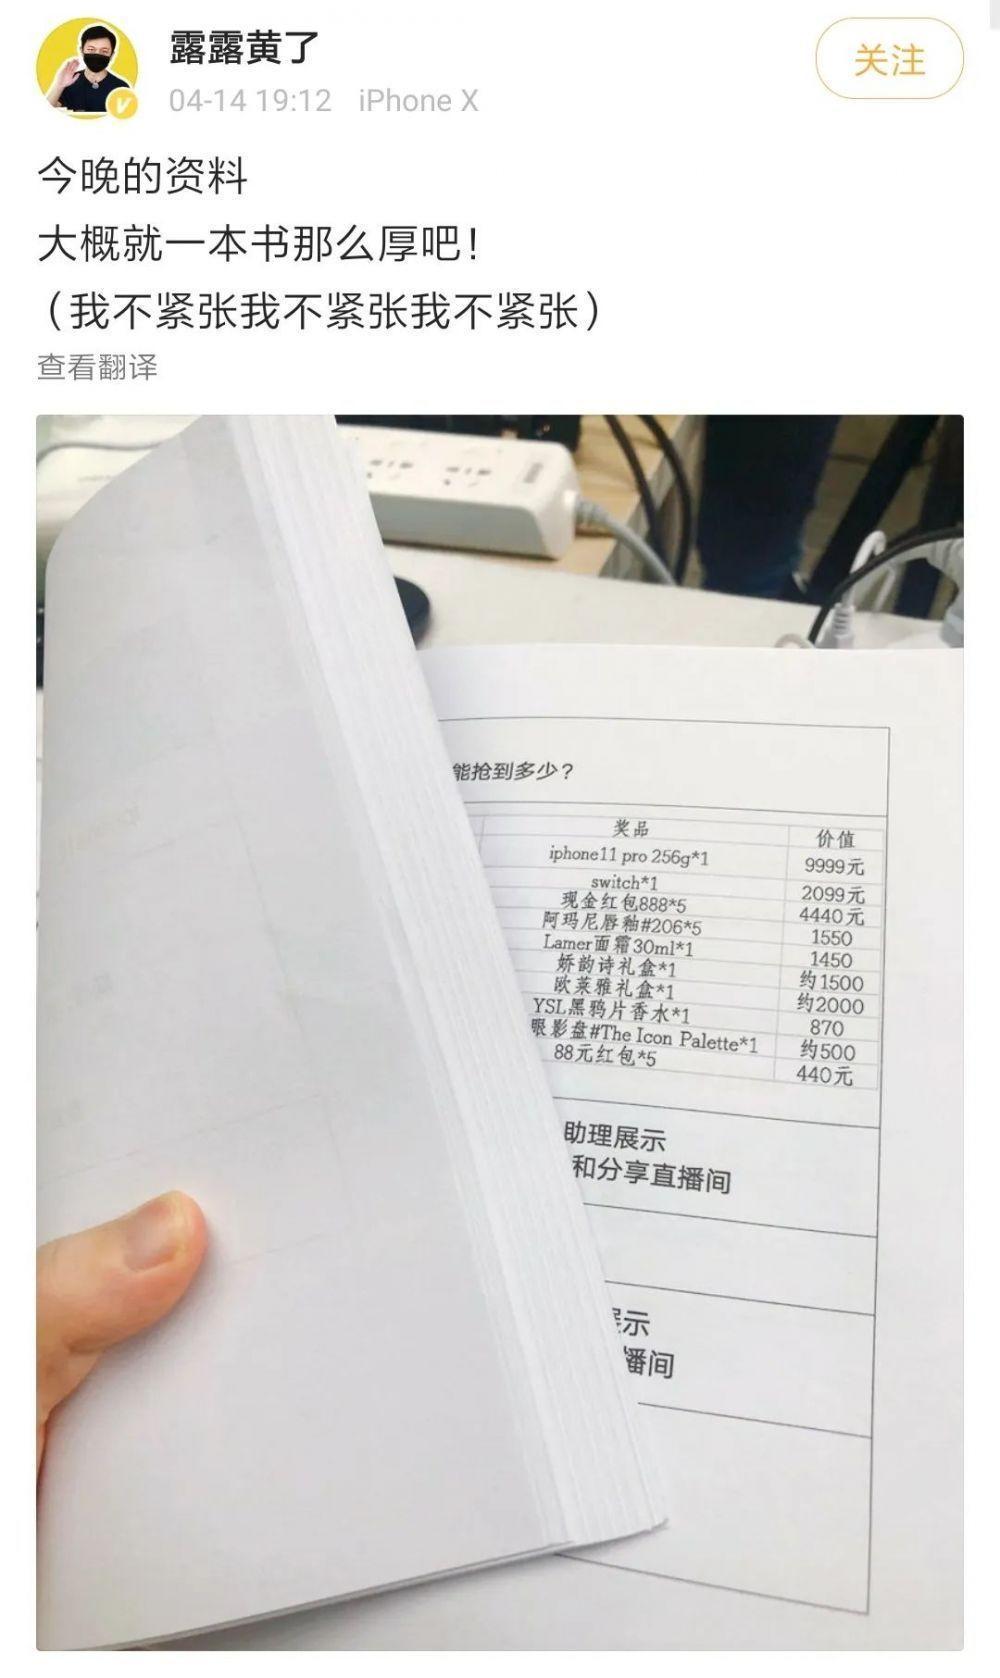 首场直播销售额660万!全网250万粉丝的美妆博主如何做到的?-第8张图片-周小辉<a href='http://www.zhouxiaohui.cn/duanshipin/'>短视频</a>培训博客